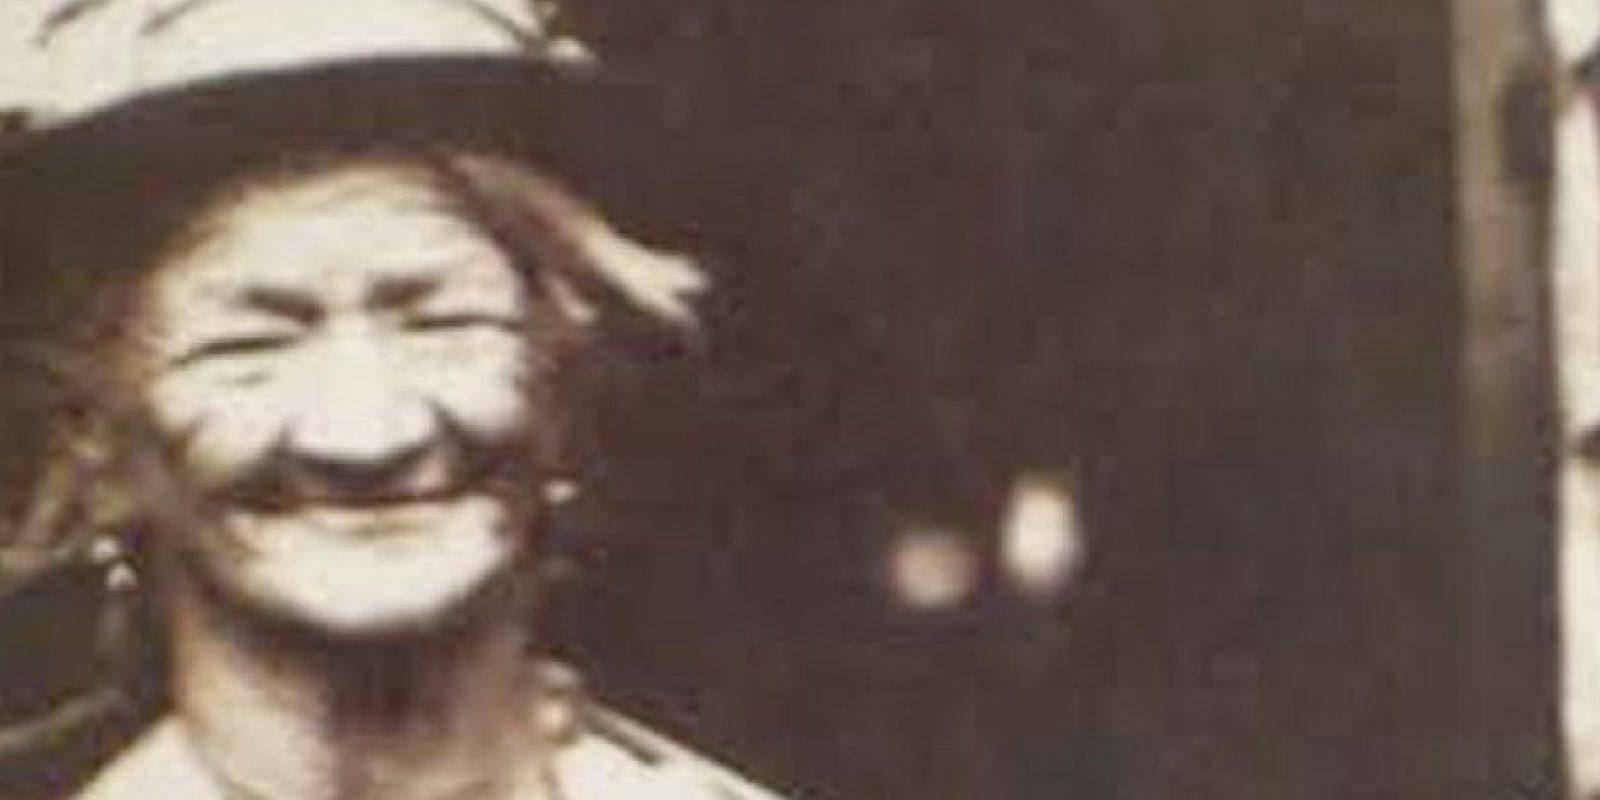 Margarita Villaquirá o 'La Loca Margarita' fue otro de esos personajes que quedaron en el recuerdo de los bogotanos.